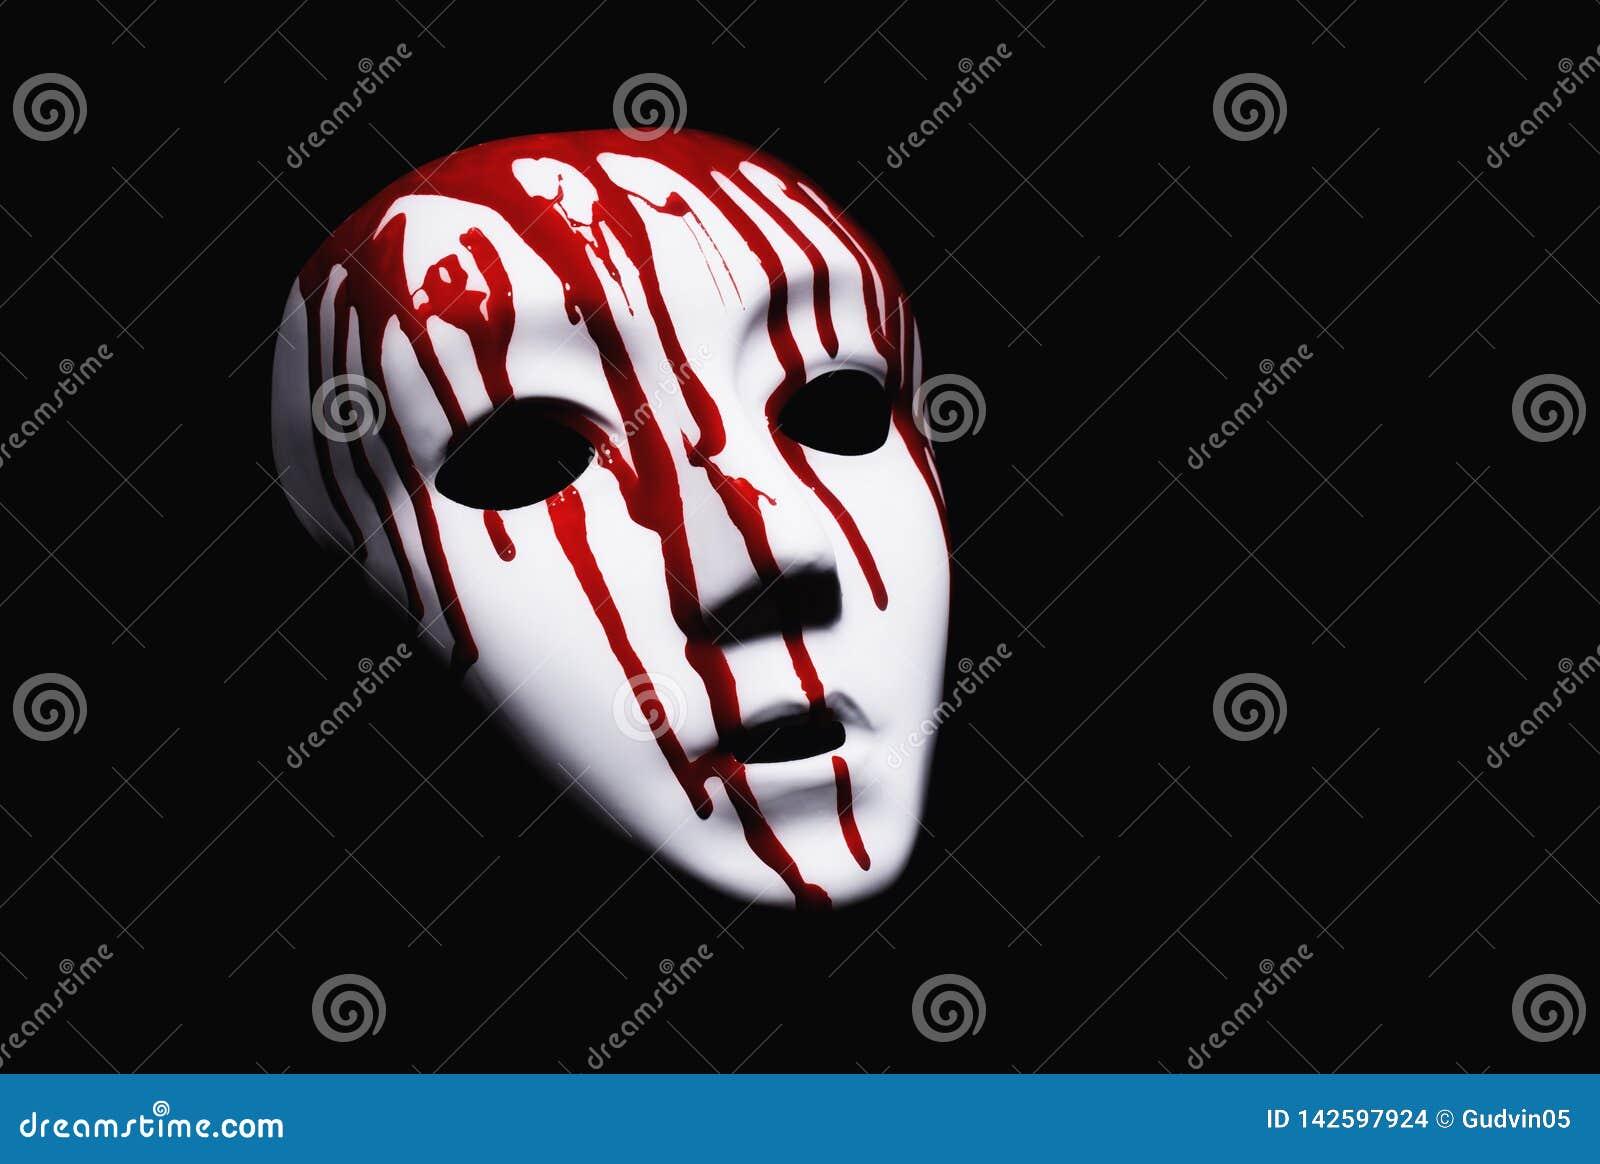 Leidendes Konzept Weiße Maske mit blutigen Tropfen auf schwarzem Hintergrund